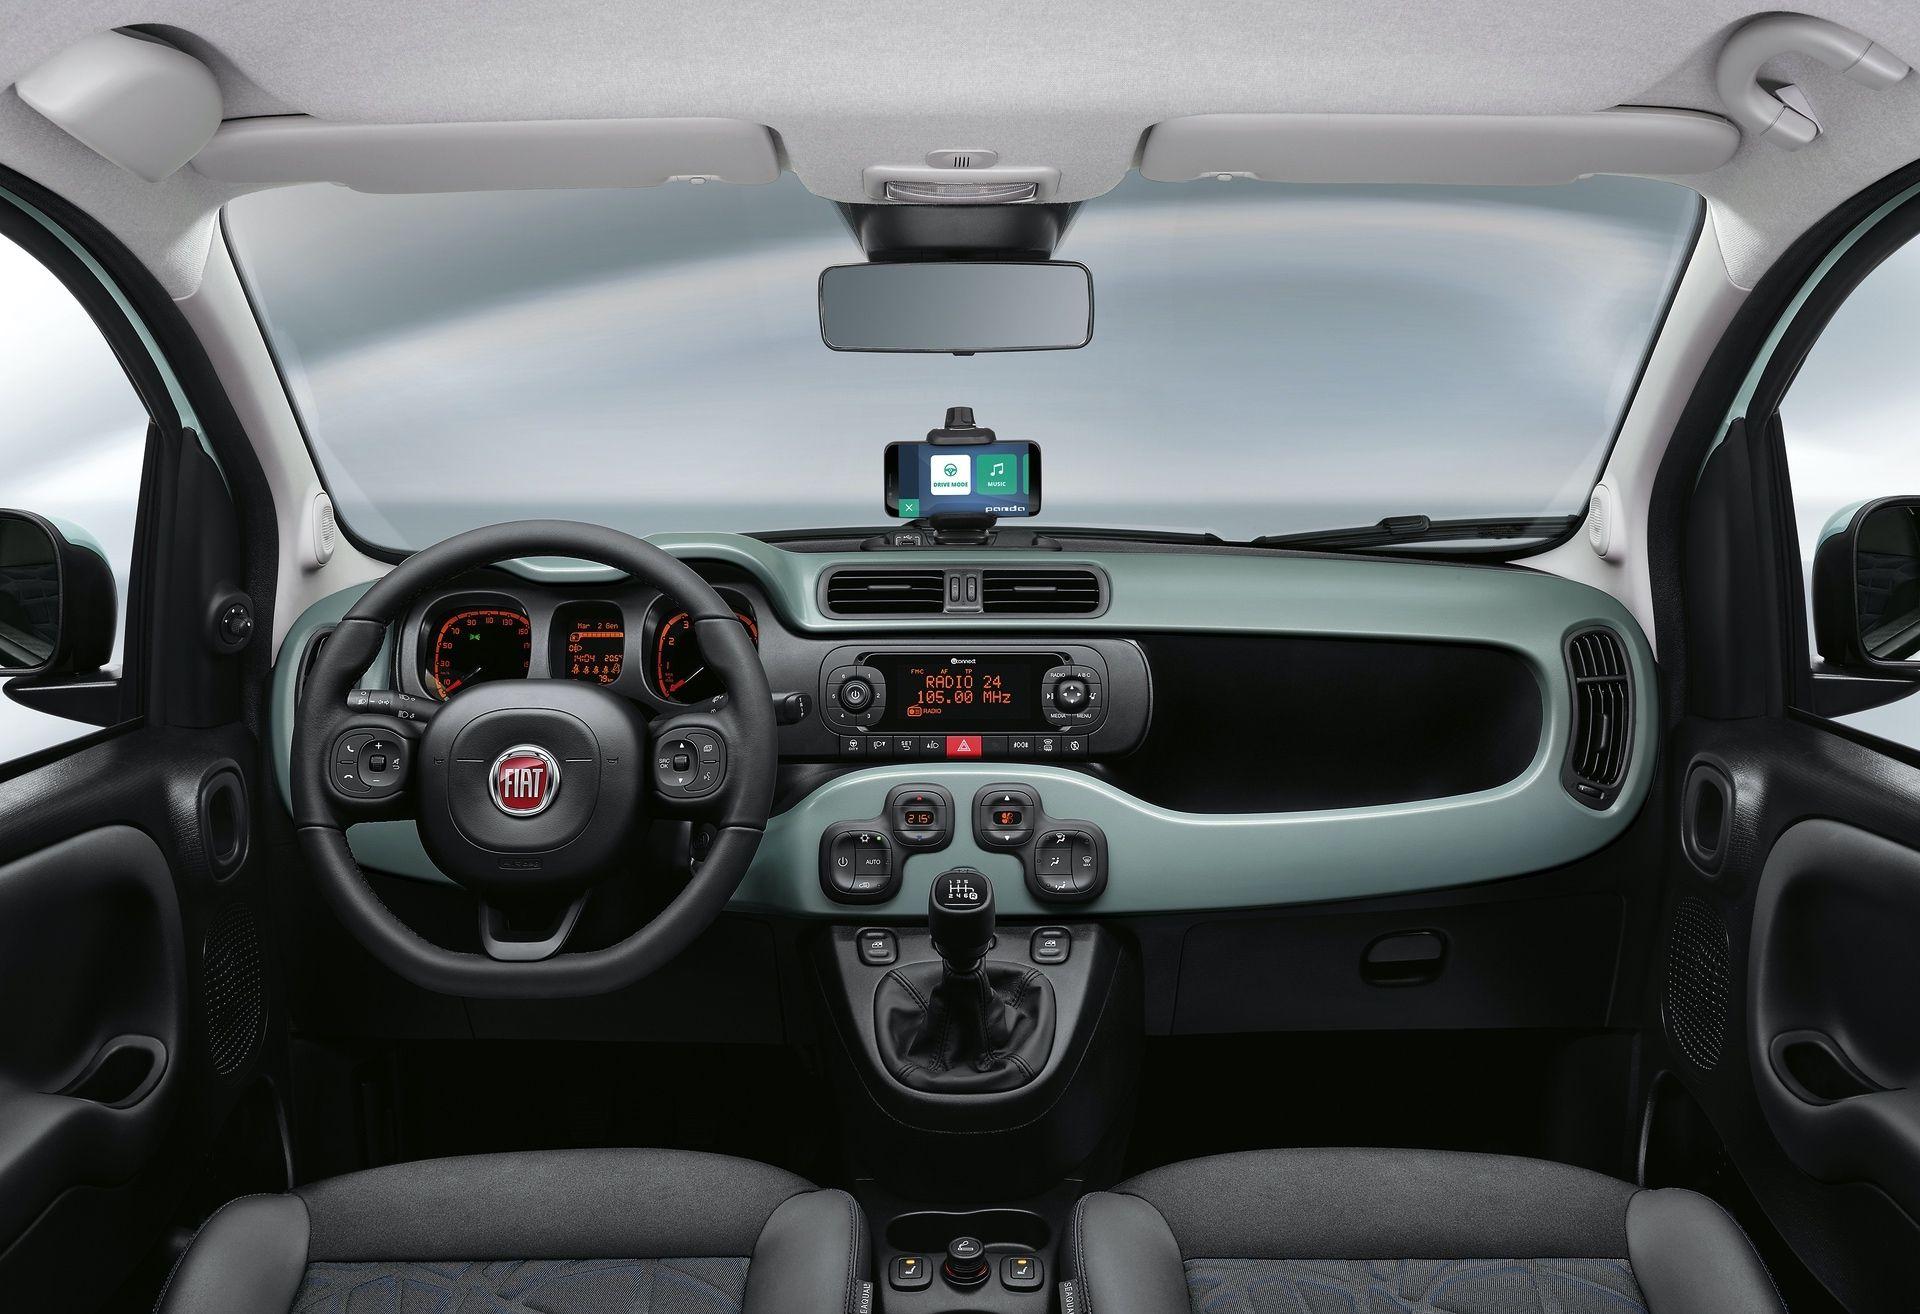 200108_Fiat_Panda-Hybrid_2_08